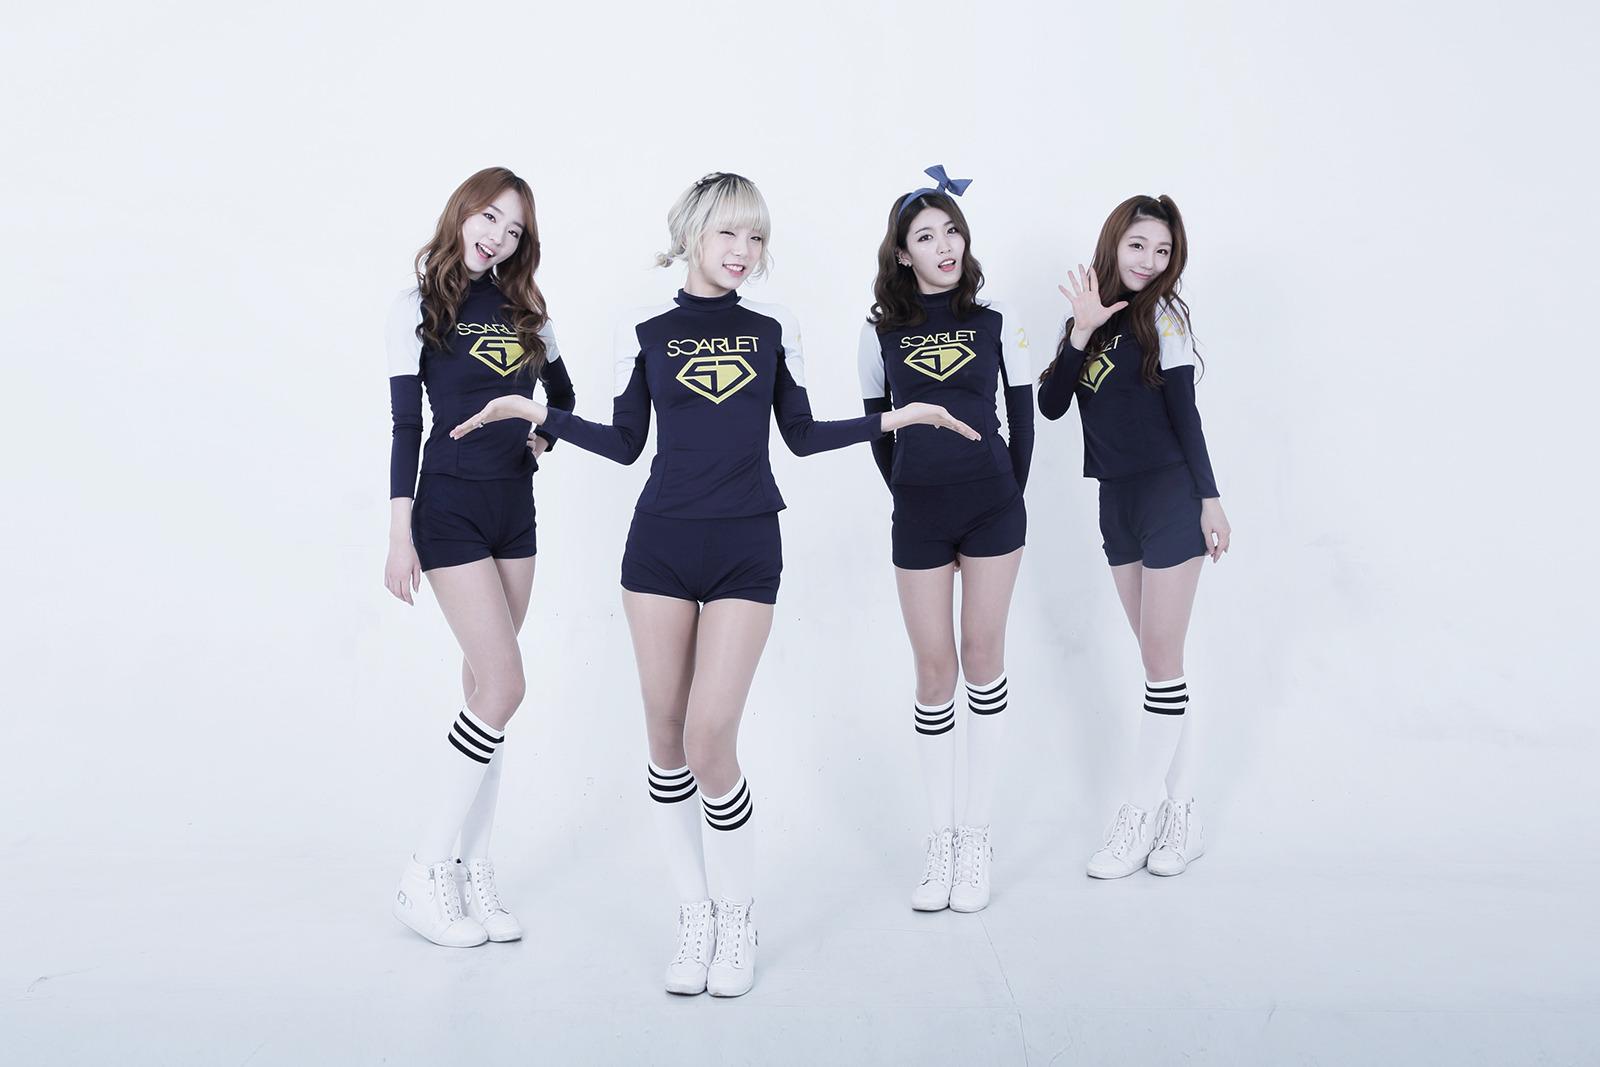 韩国4人女子团体:scarlet